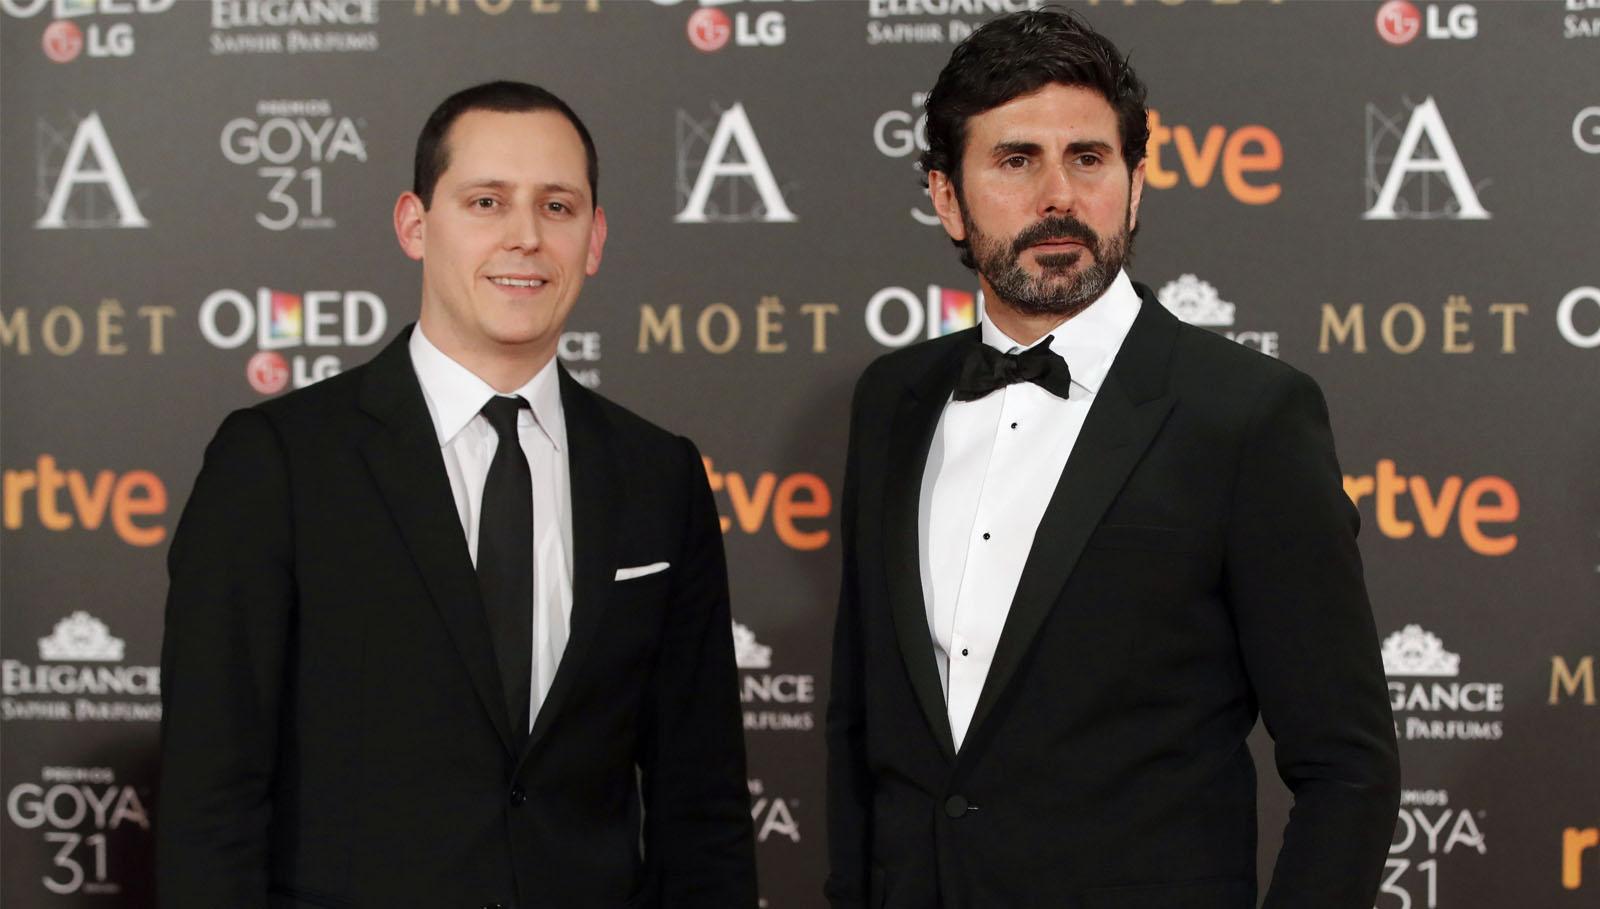 """Los realizadores Hernán Zin y Olmo Figueredo , candidatos al mejor documental por """"Nacido en Siria"""", a su llegada a la gala de entrega de los Premios Goya 2017."""